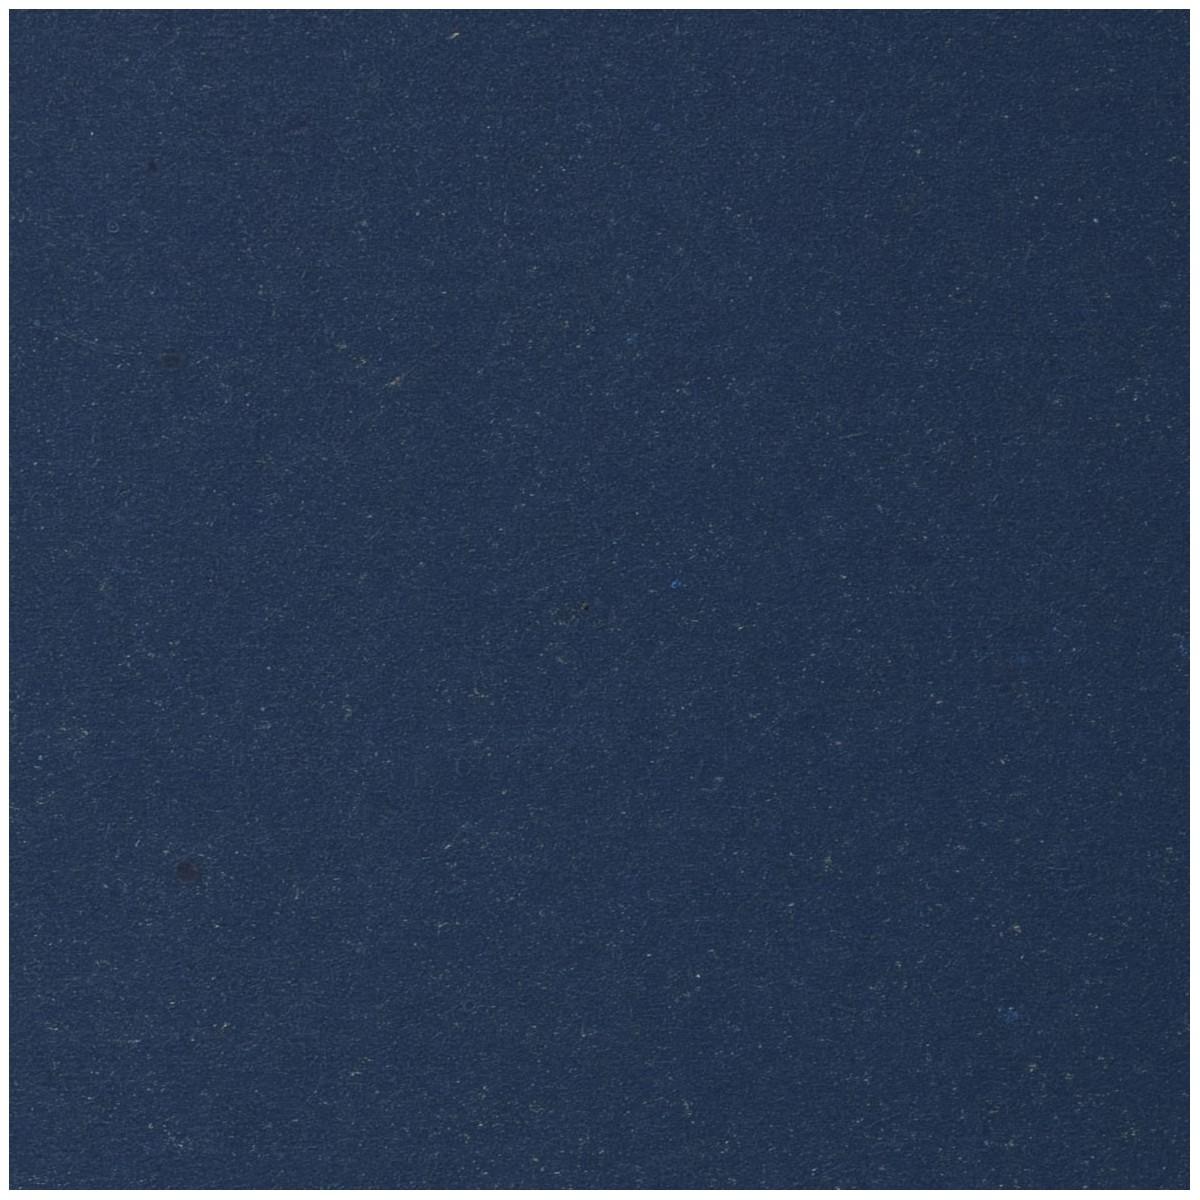 Carta Paglia ECOCHIC Gr.85 Fogli Cm.70x100 Colori Tinta Unita Blu